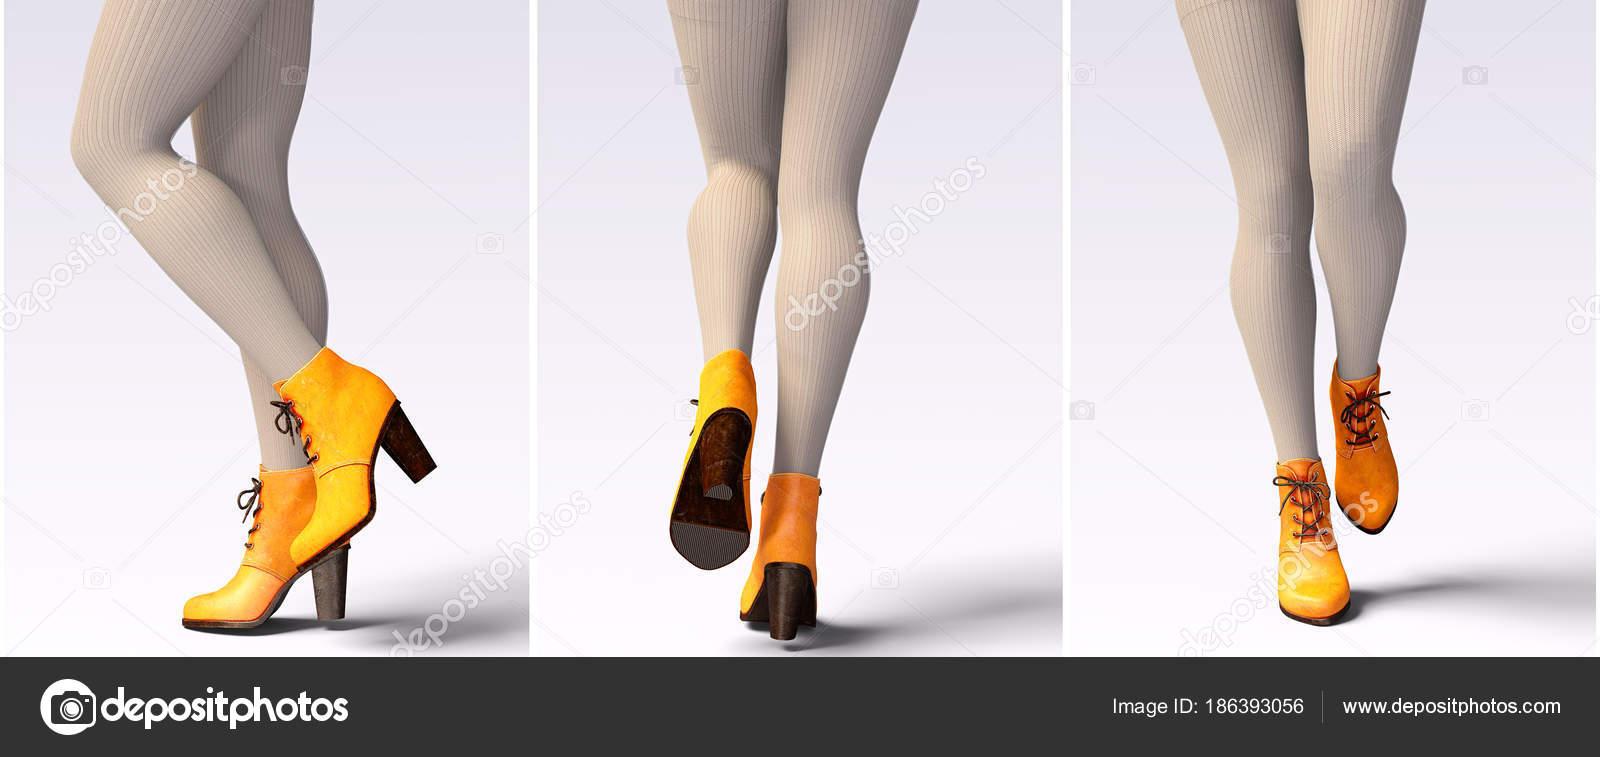 68b64c185fb Ορίστε Όμορφα Γυναικεία Πόδια Μάλλινα Κολάν Και Μισό Χάντρες Σέξι —  Φωτογραφία Αρχείου